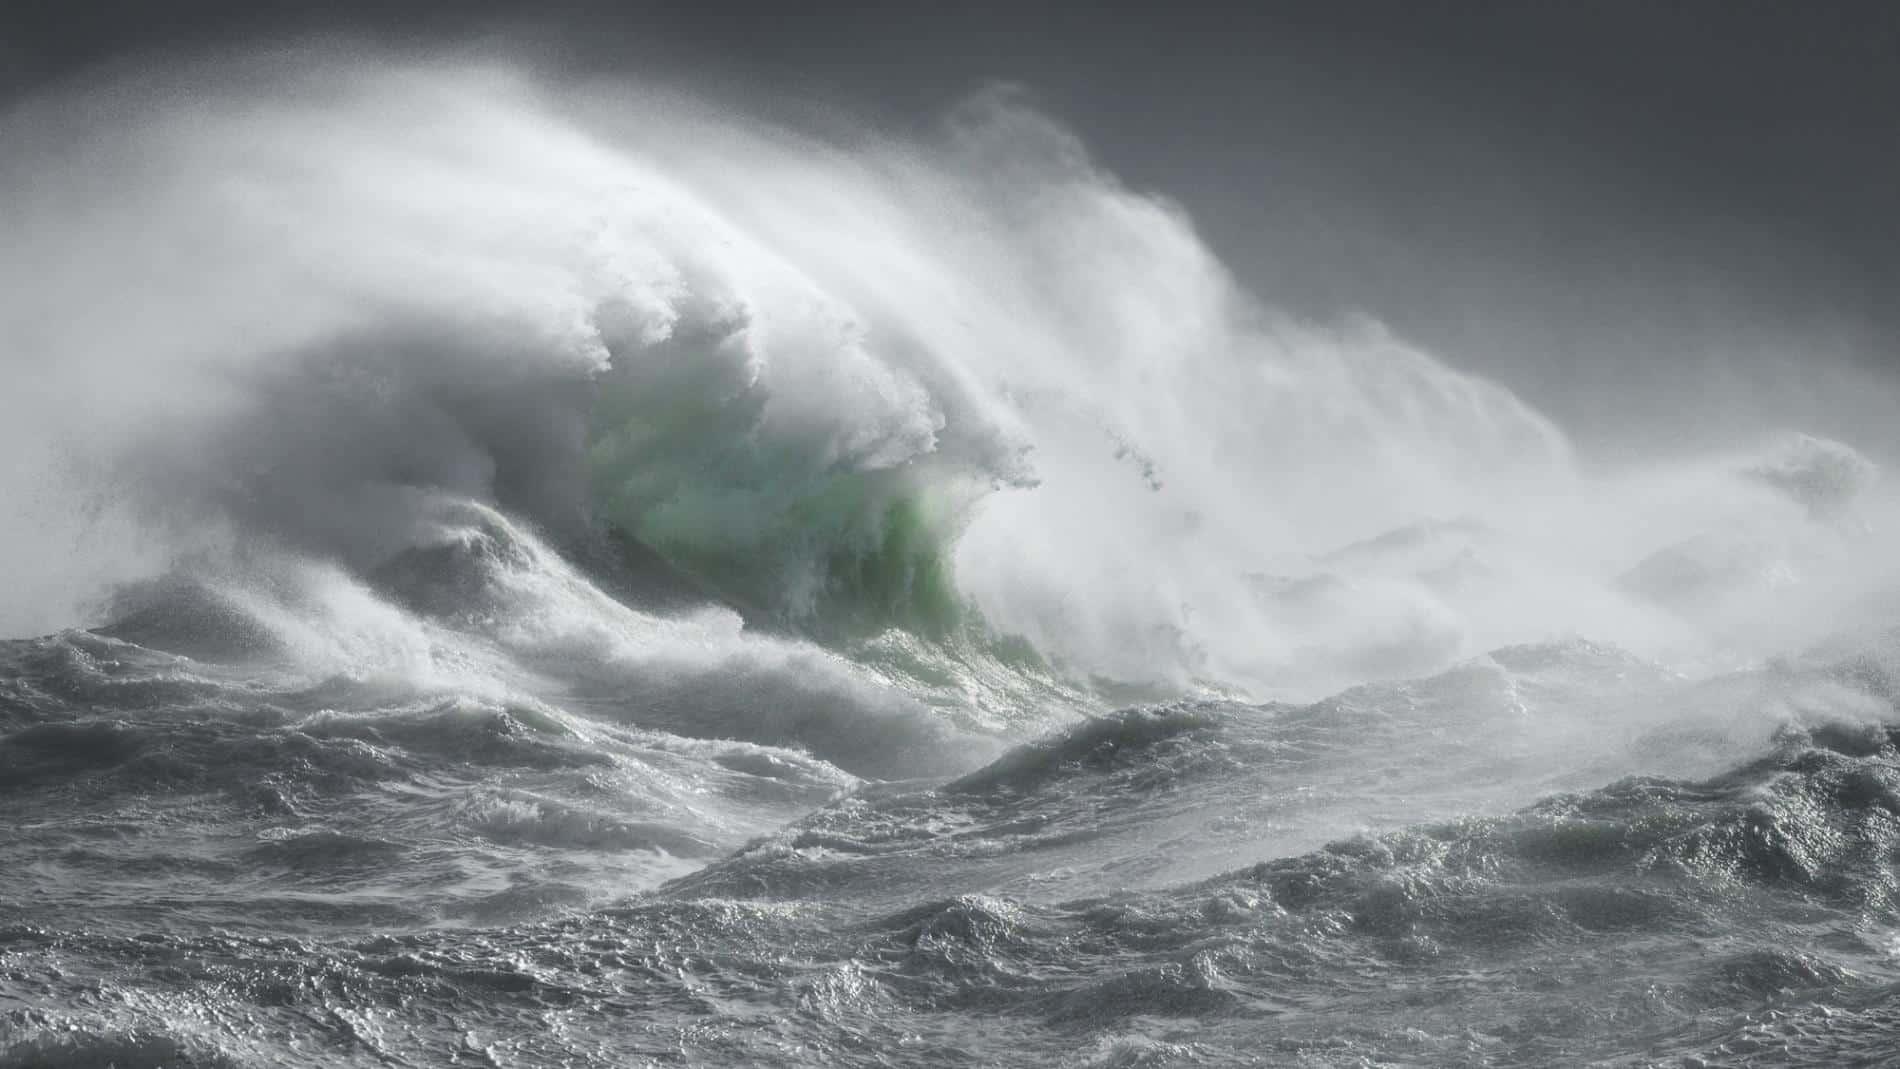 talibart tormentas y mareas olas tormenta